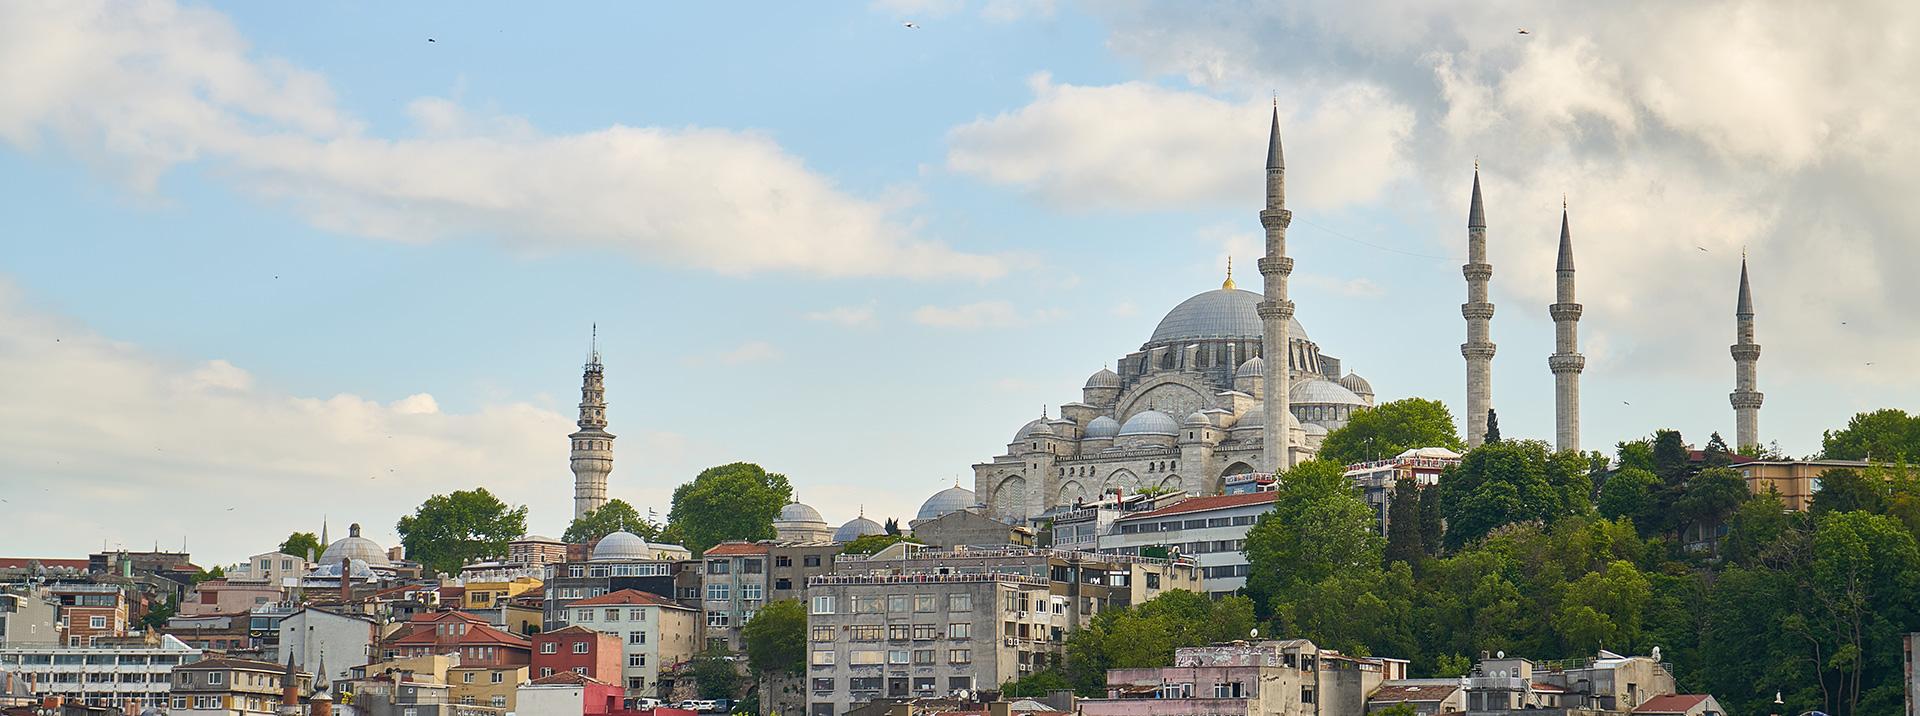 Istanbul - grad na dva kontinenta